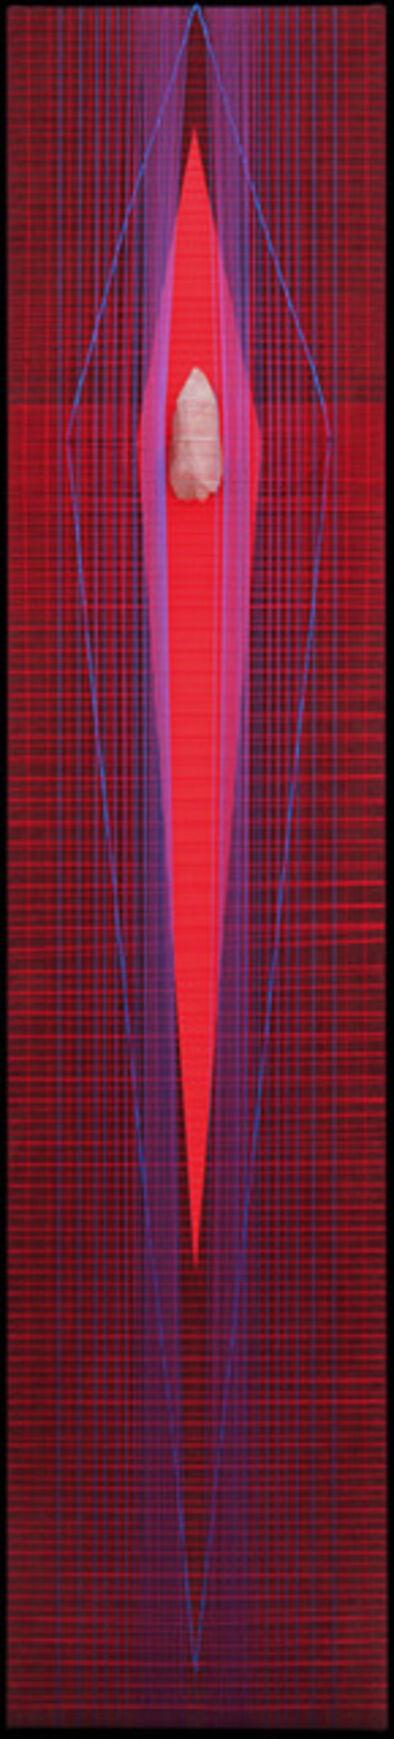 Milton Becerra, 'Atüna Ishoo II (Pluma Roja)', 2010